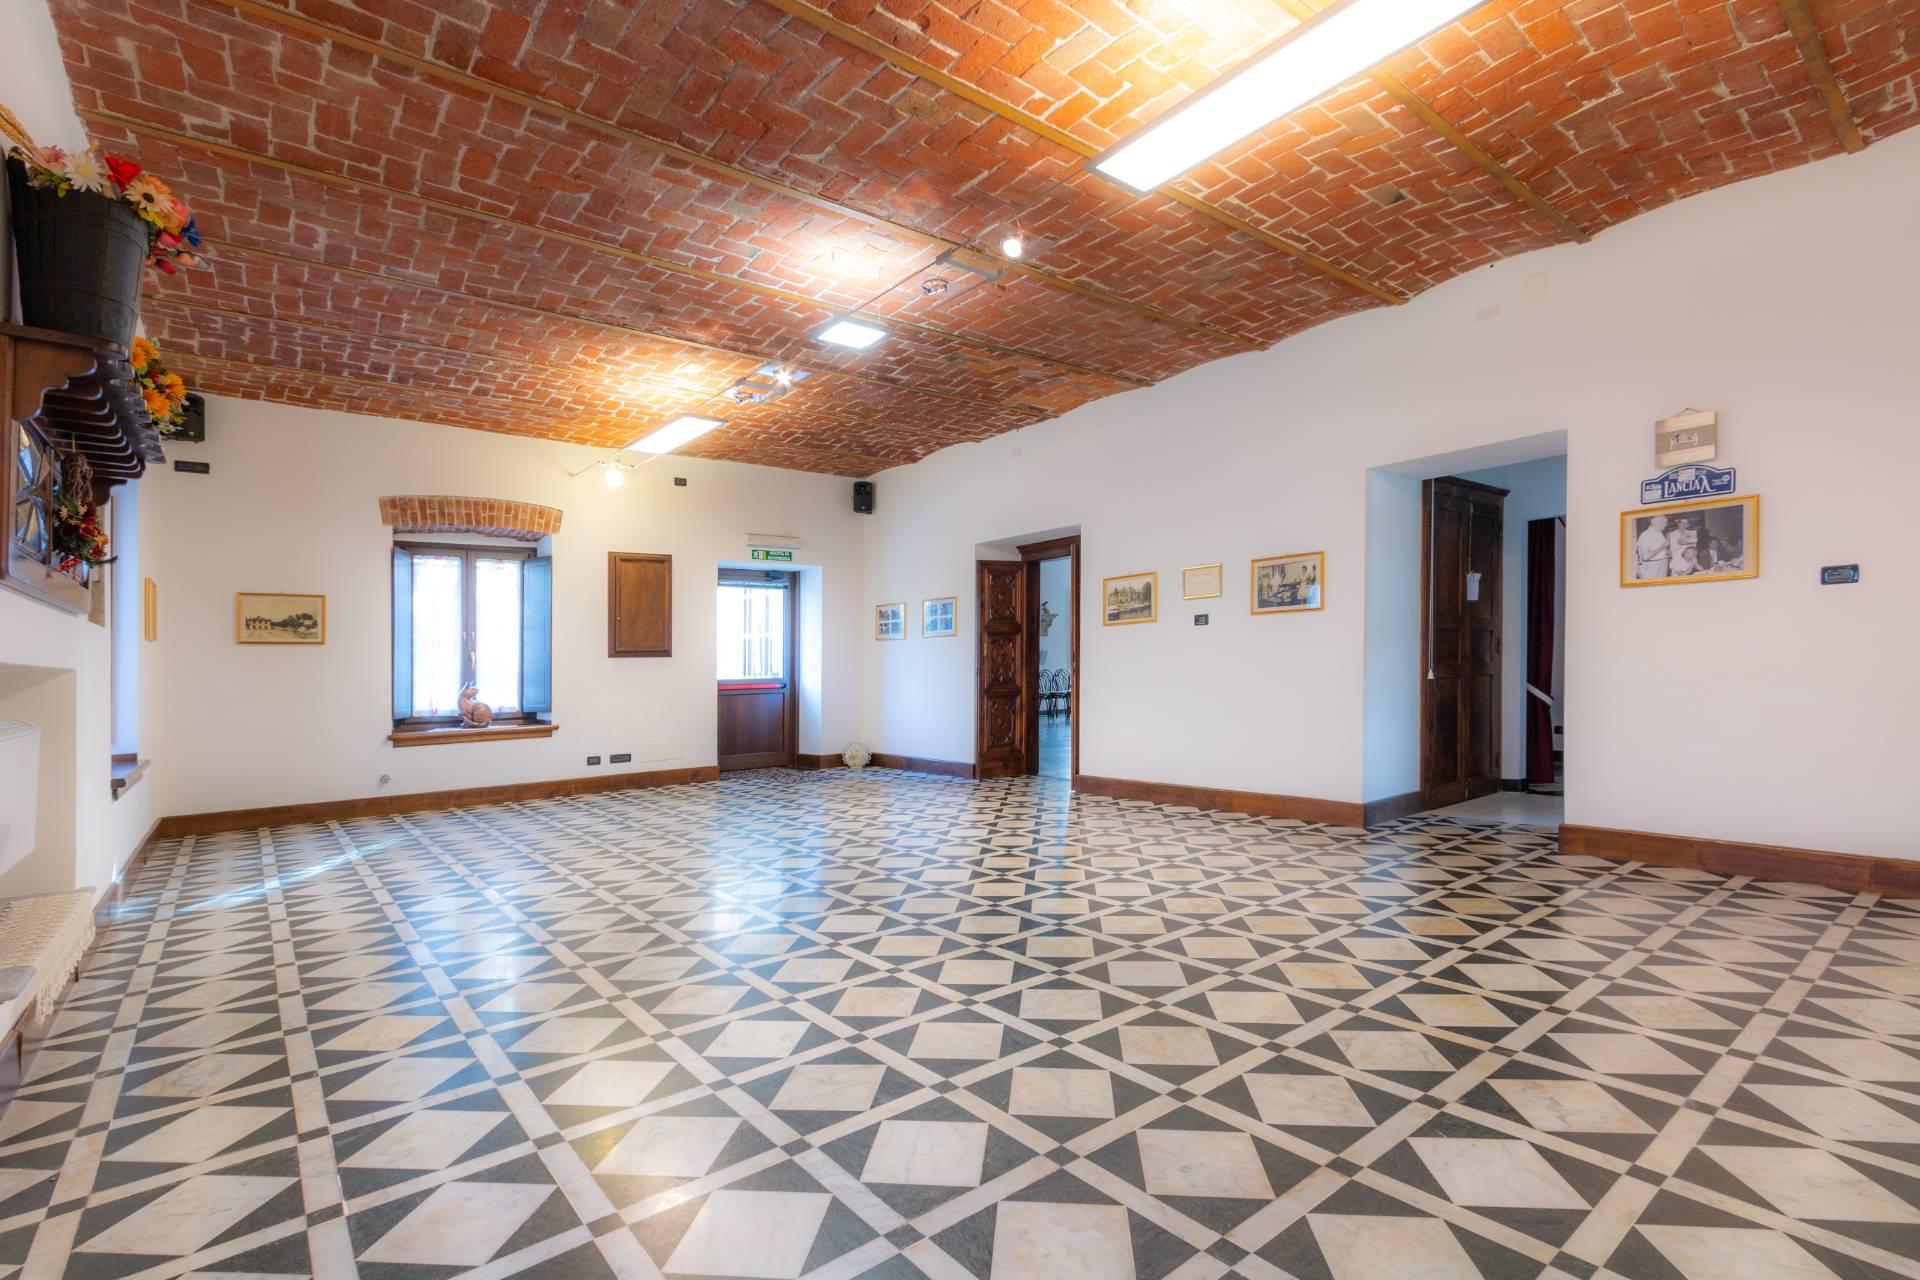 Attività / Licenza in vendita a Villar Focchiardo, 9999 locali, zona Località: Periferica, prezzo € 650.000 | CambioCasa.it